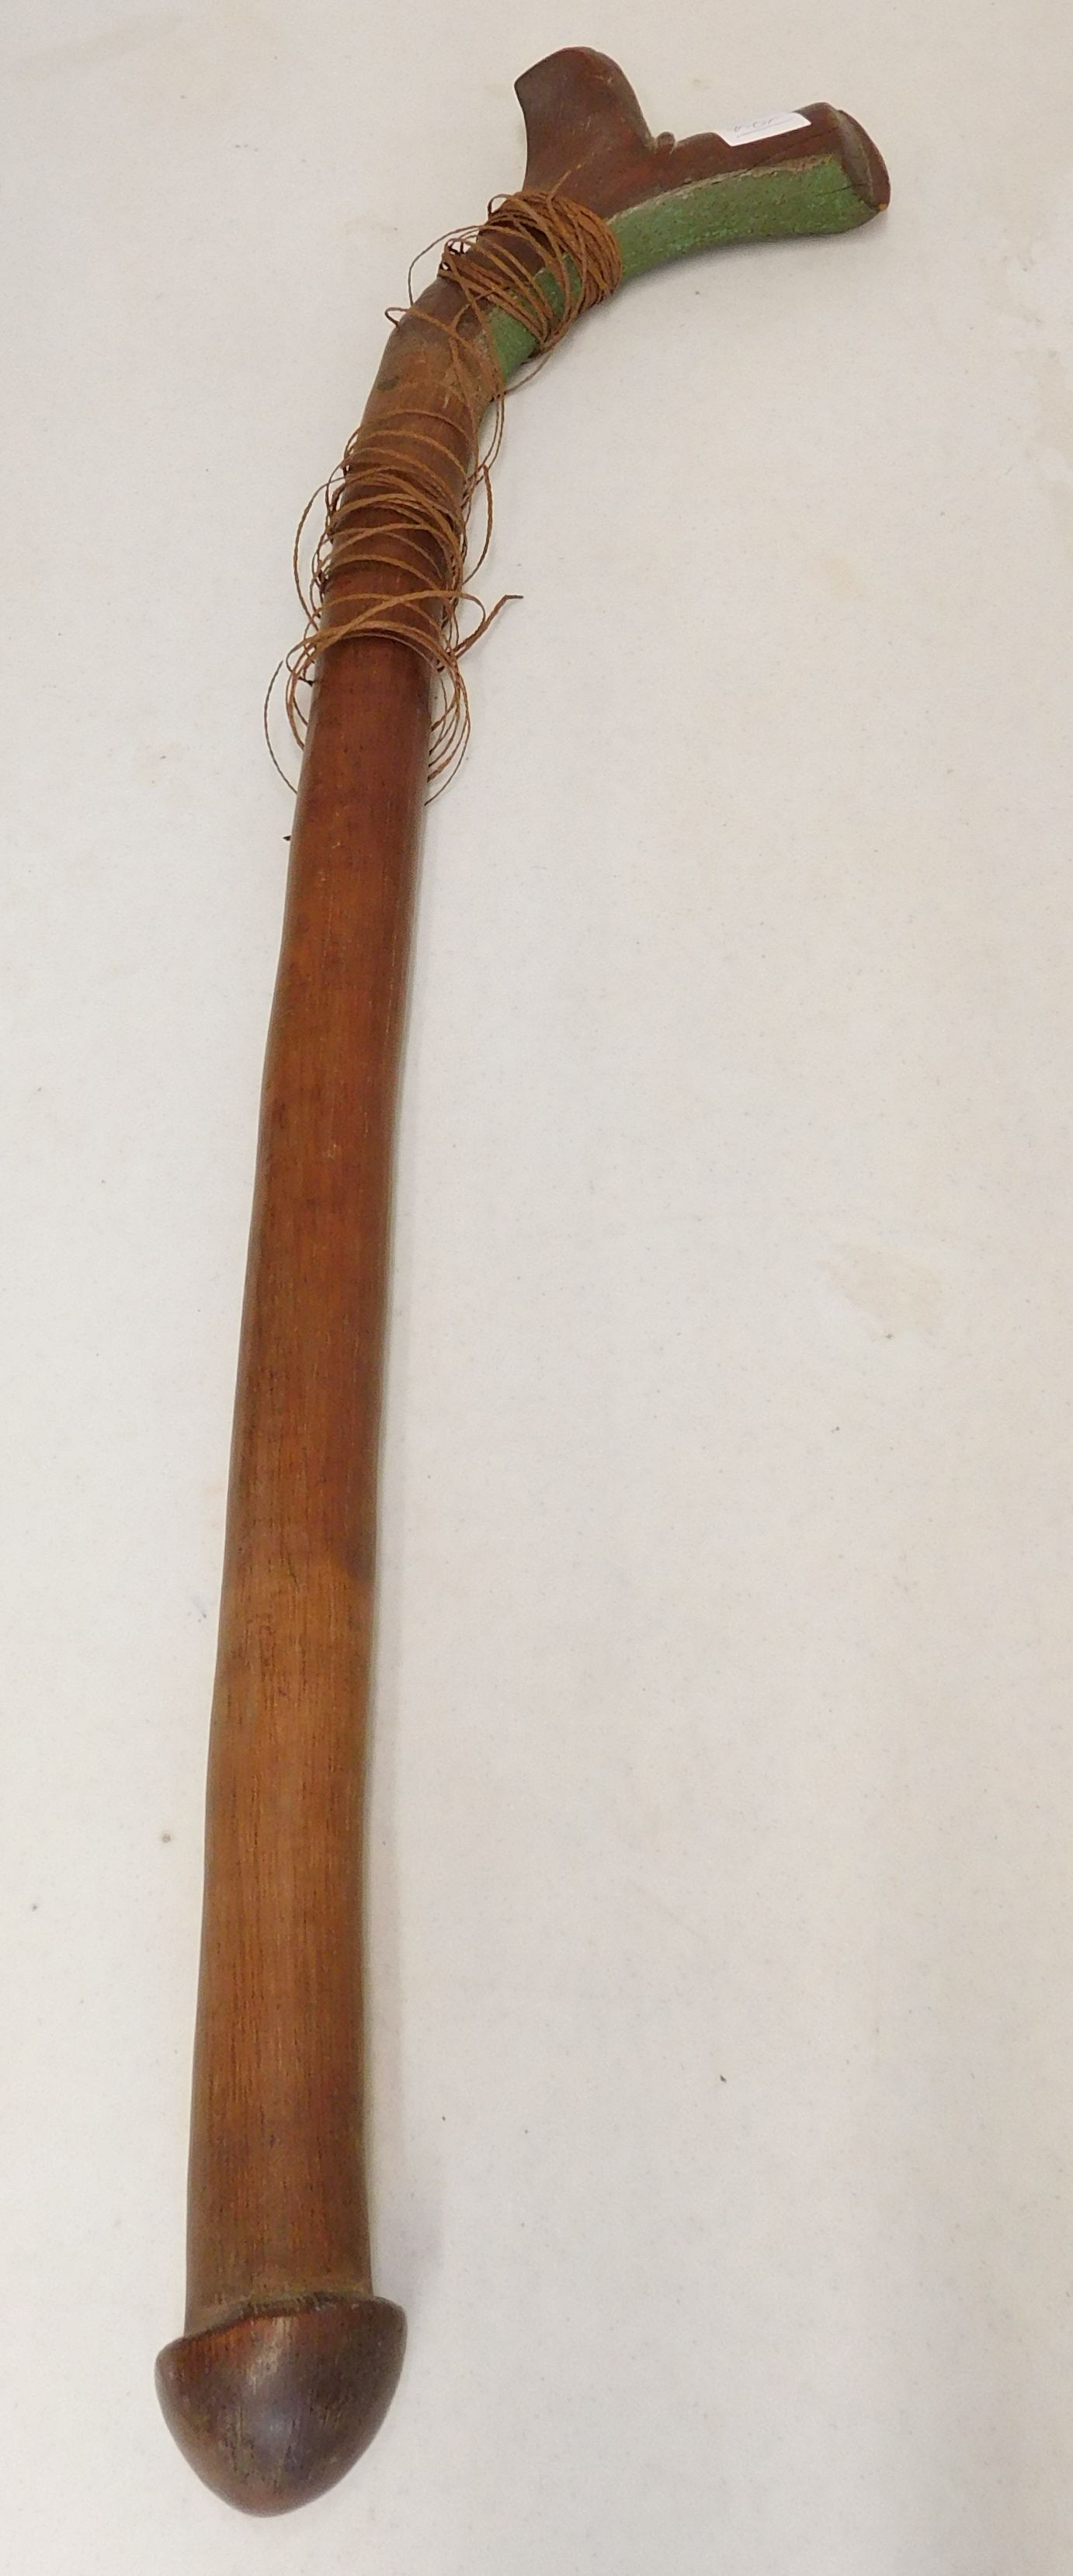 61 fijian war club circa 1850s made of hardwood and